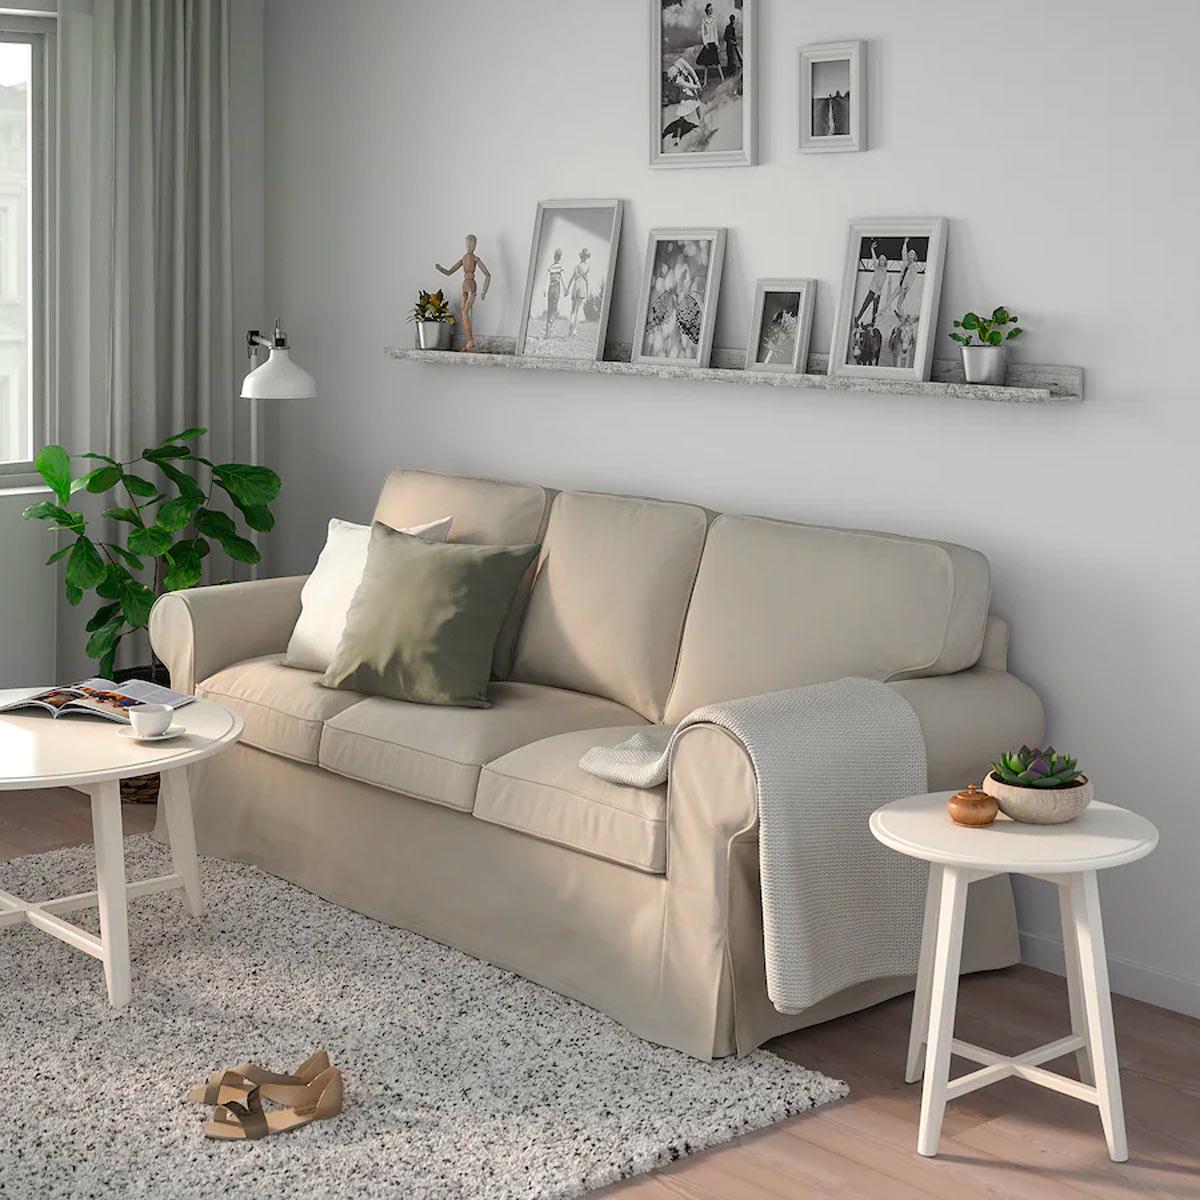 come decorare la parete dietro il divano